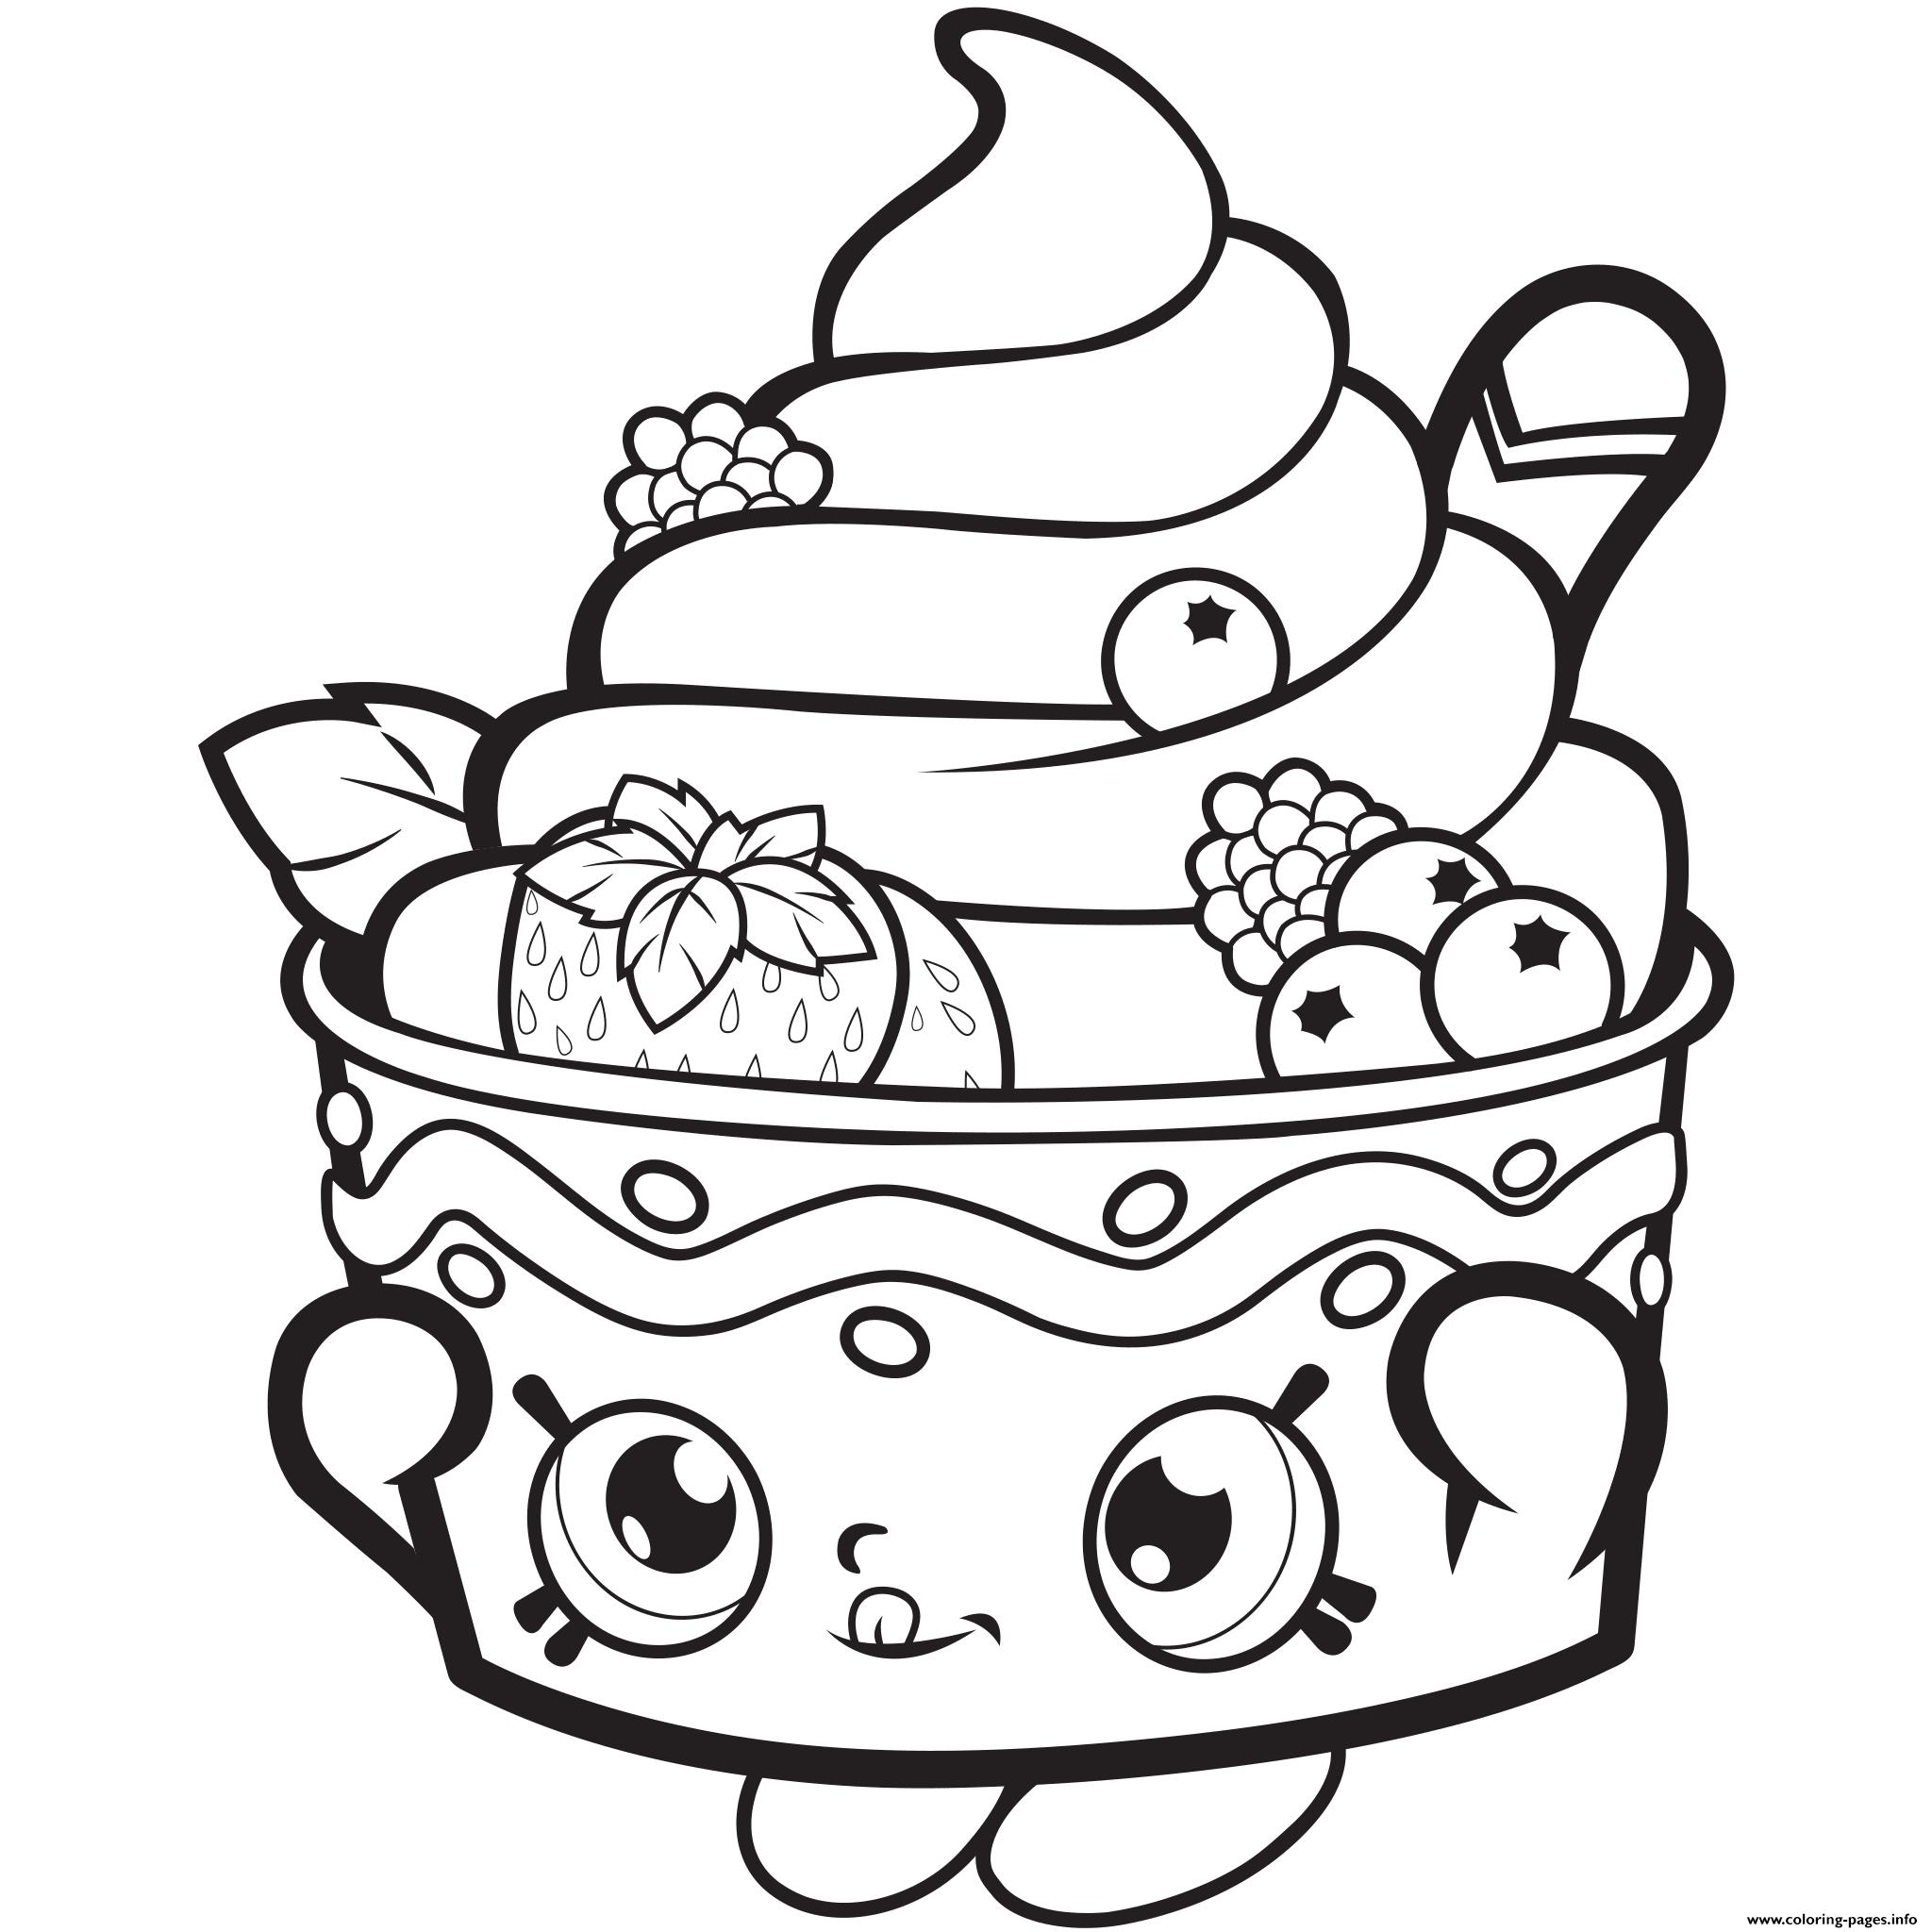 Shopkins coloring pages - Print Frozen Yo Chi Printable Shopkins Season 1 Season One Coloring Pages